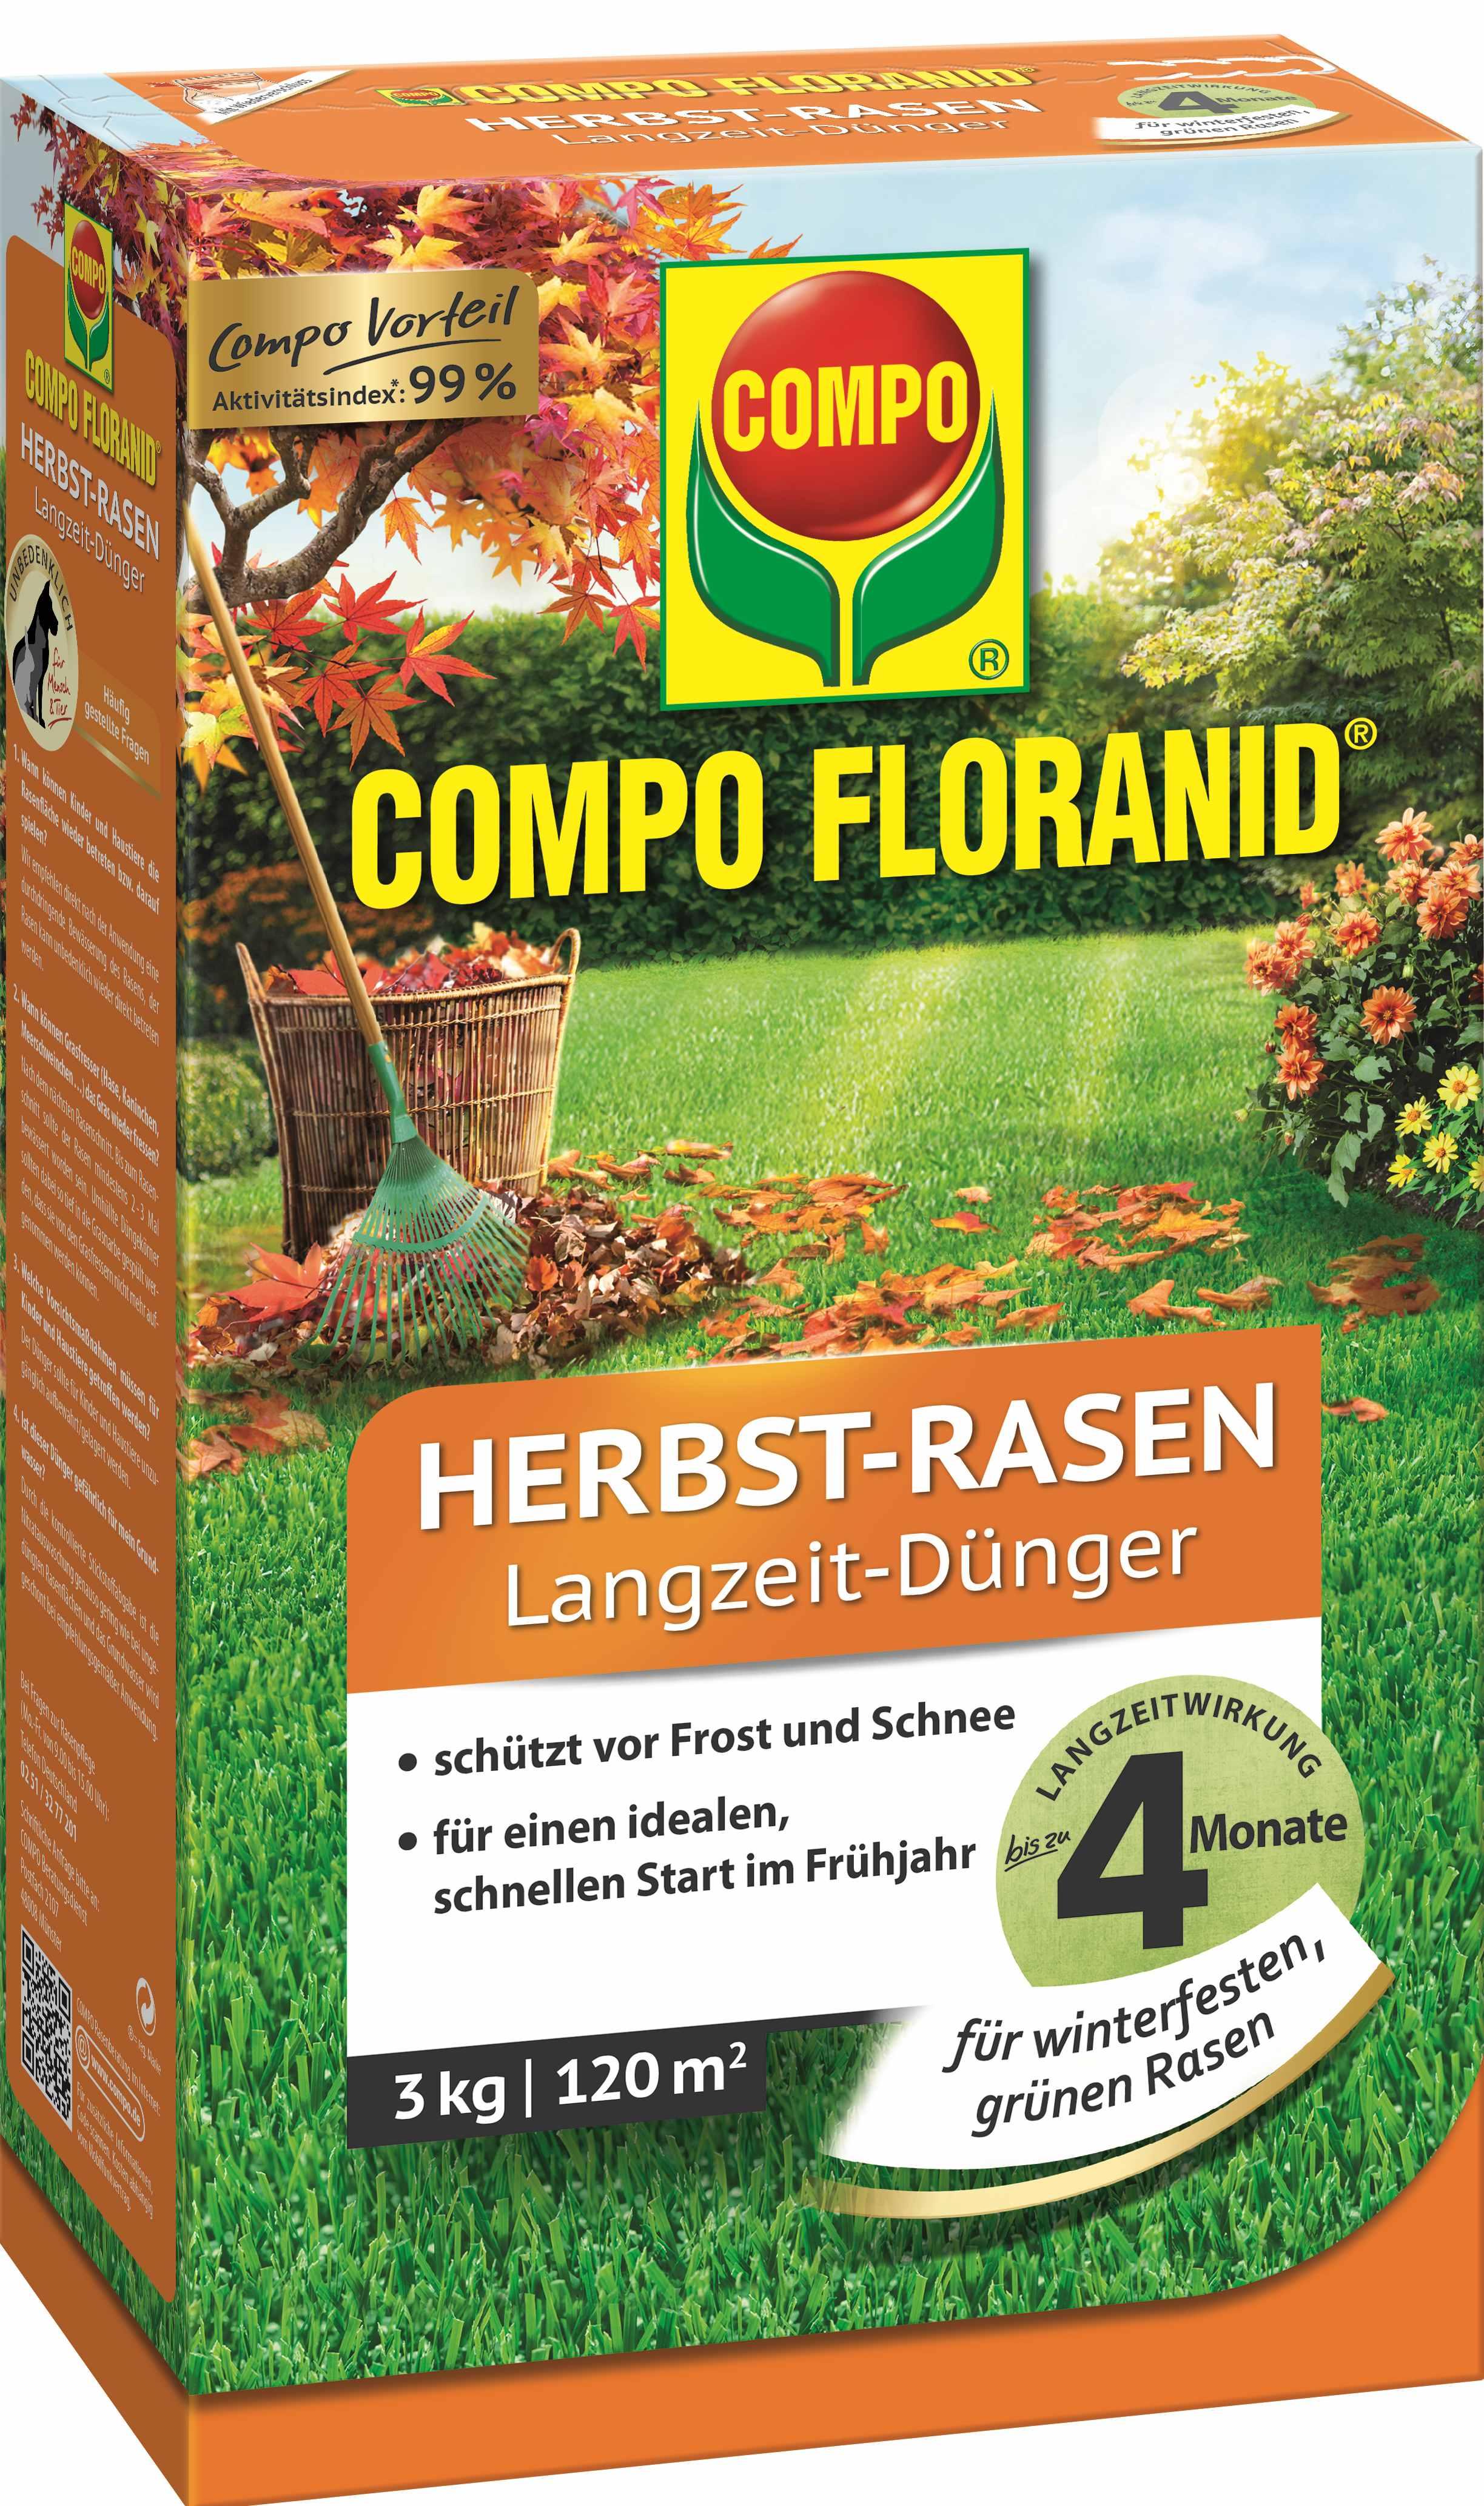 Compo Herbst Rasendünger 3 kg Bild 1